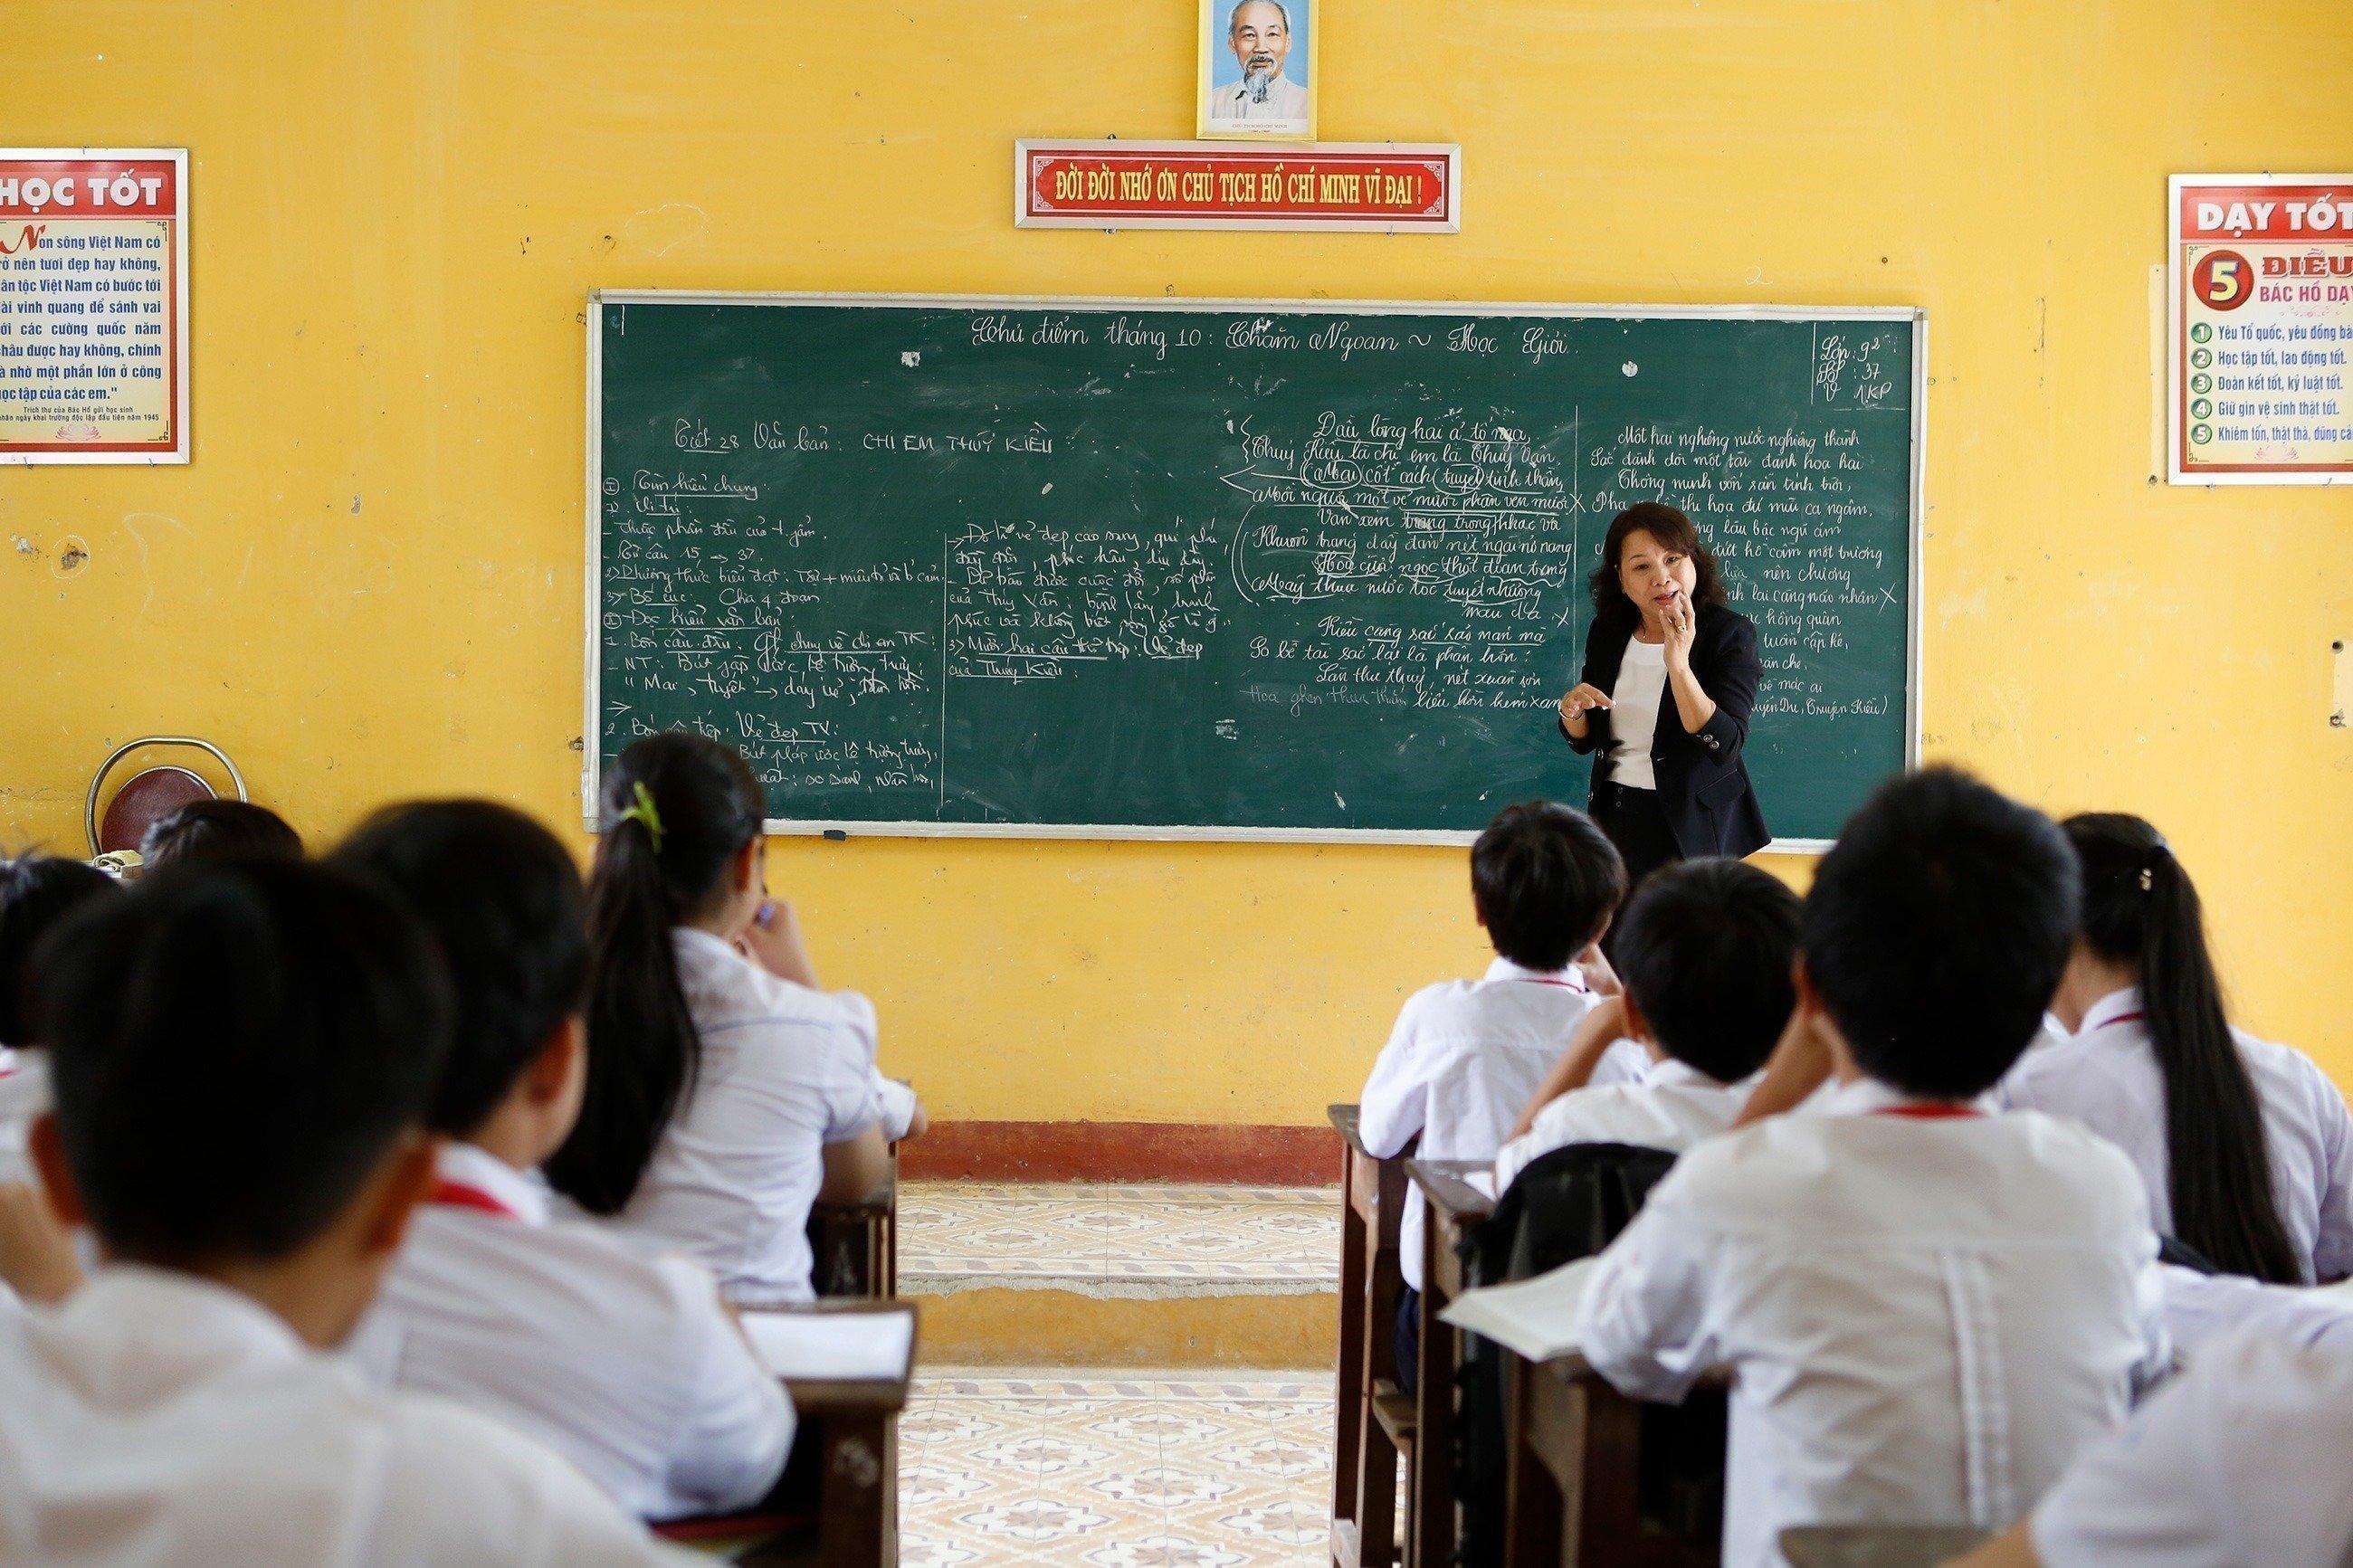 Un enseignant au tableau faisant la classe.